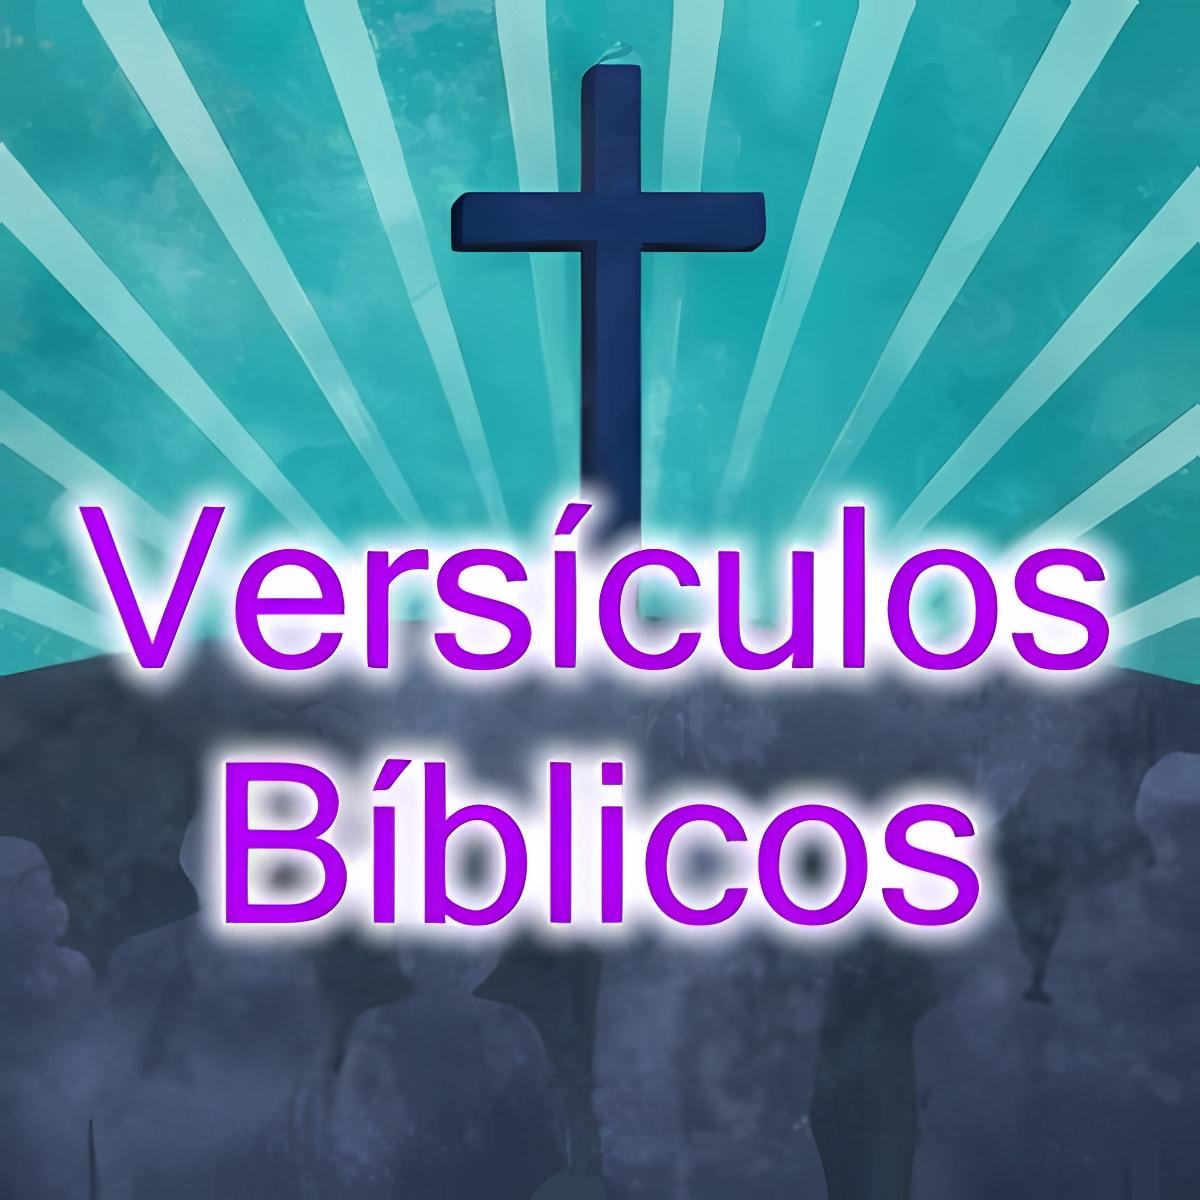 Versículos Bíblicos 2.0.0